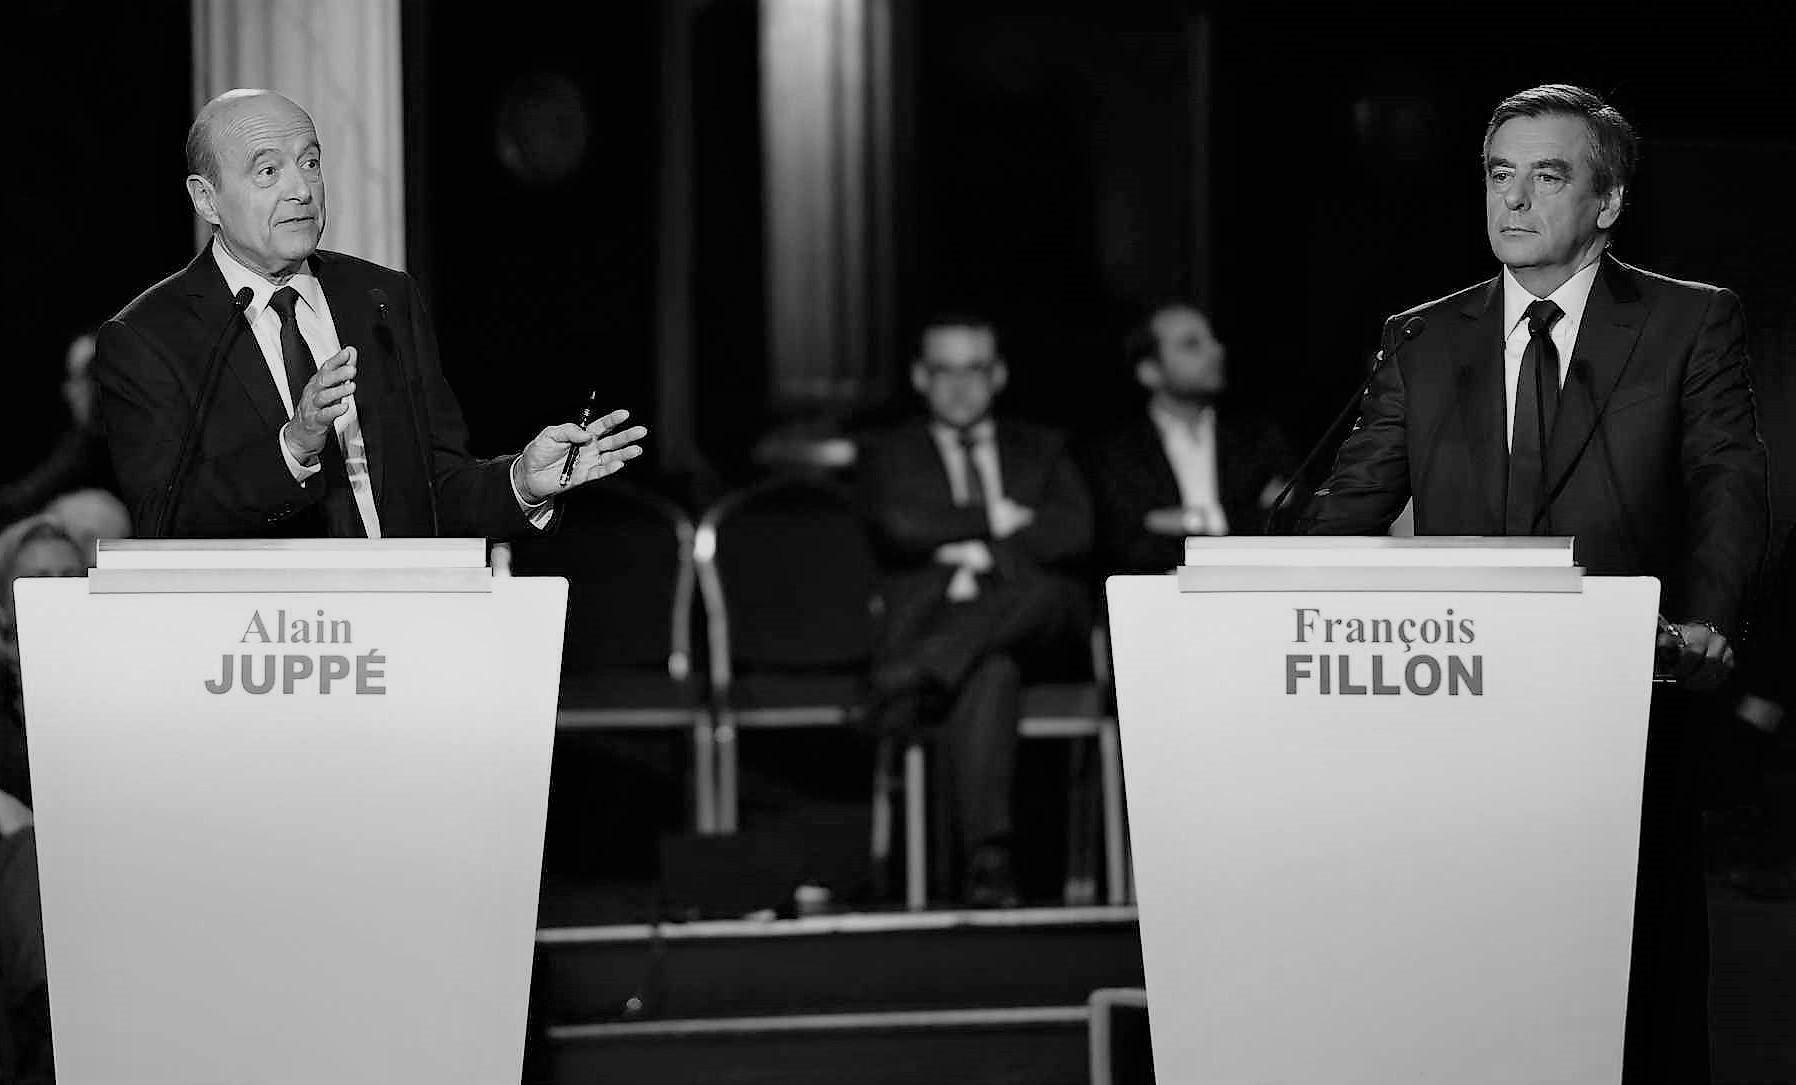 Le dernier débat de la primaire de la droite et du centre